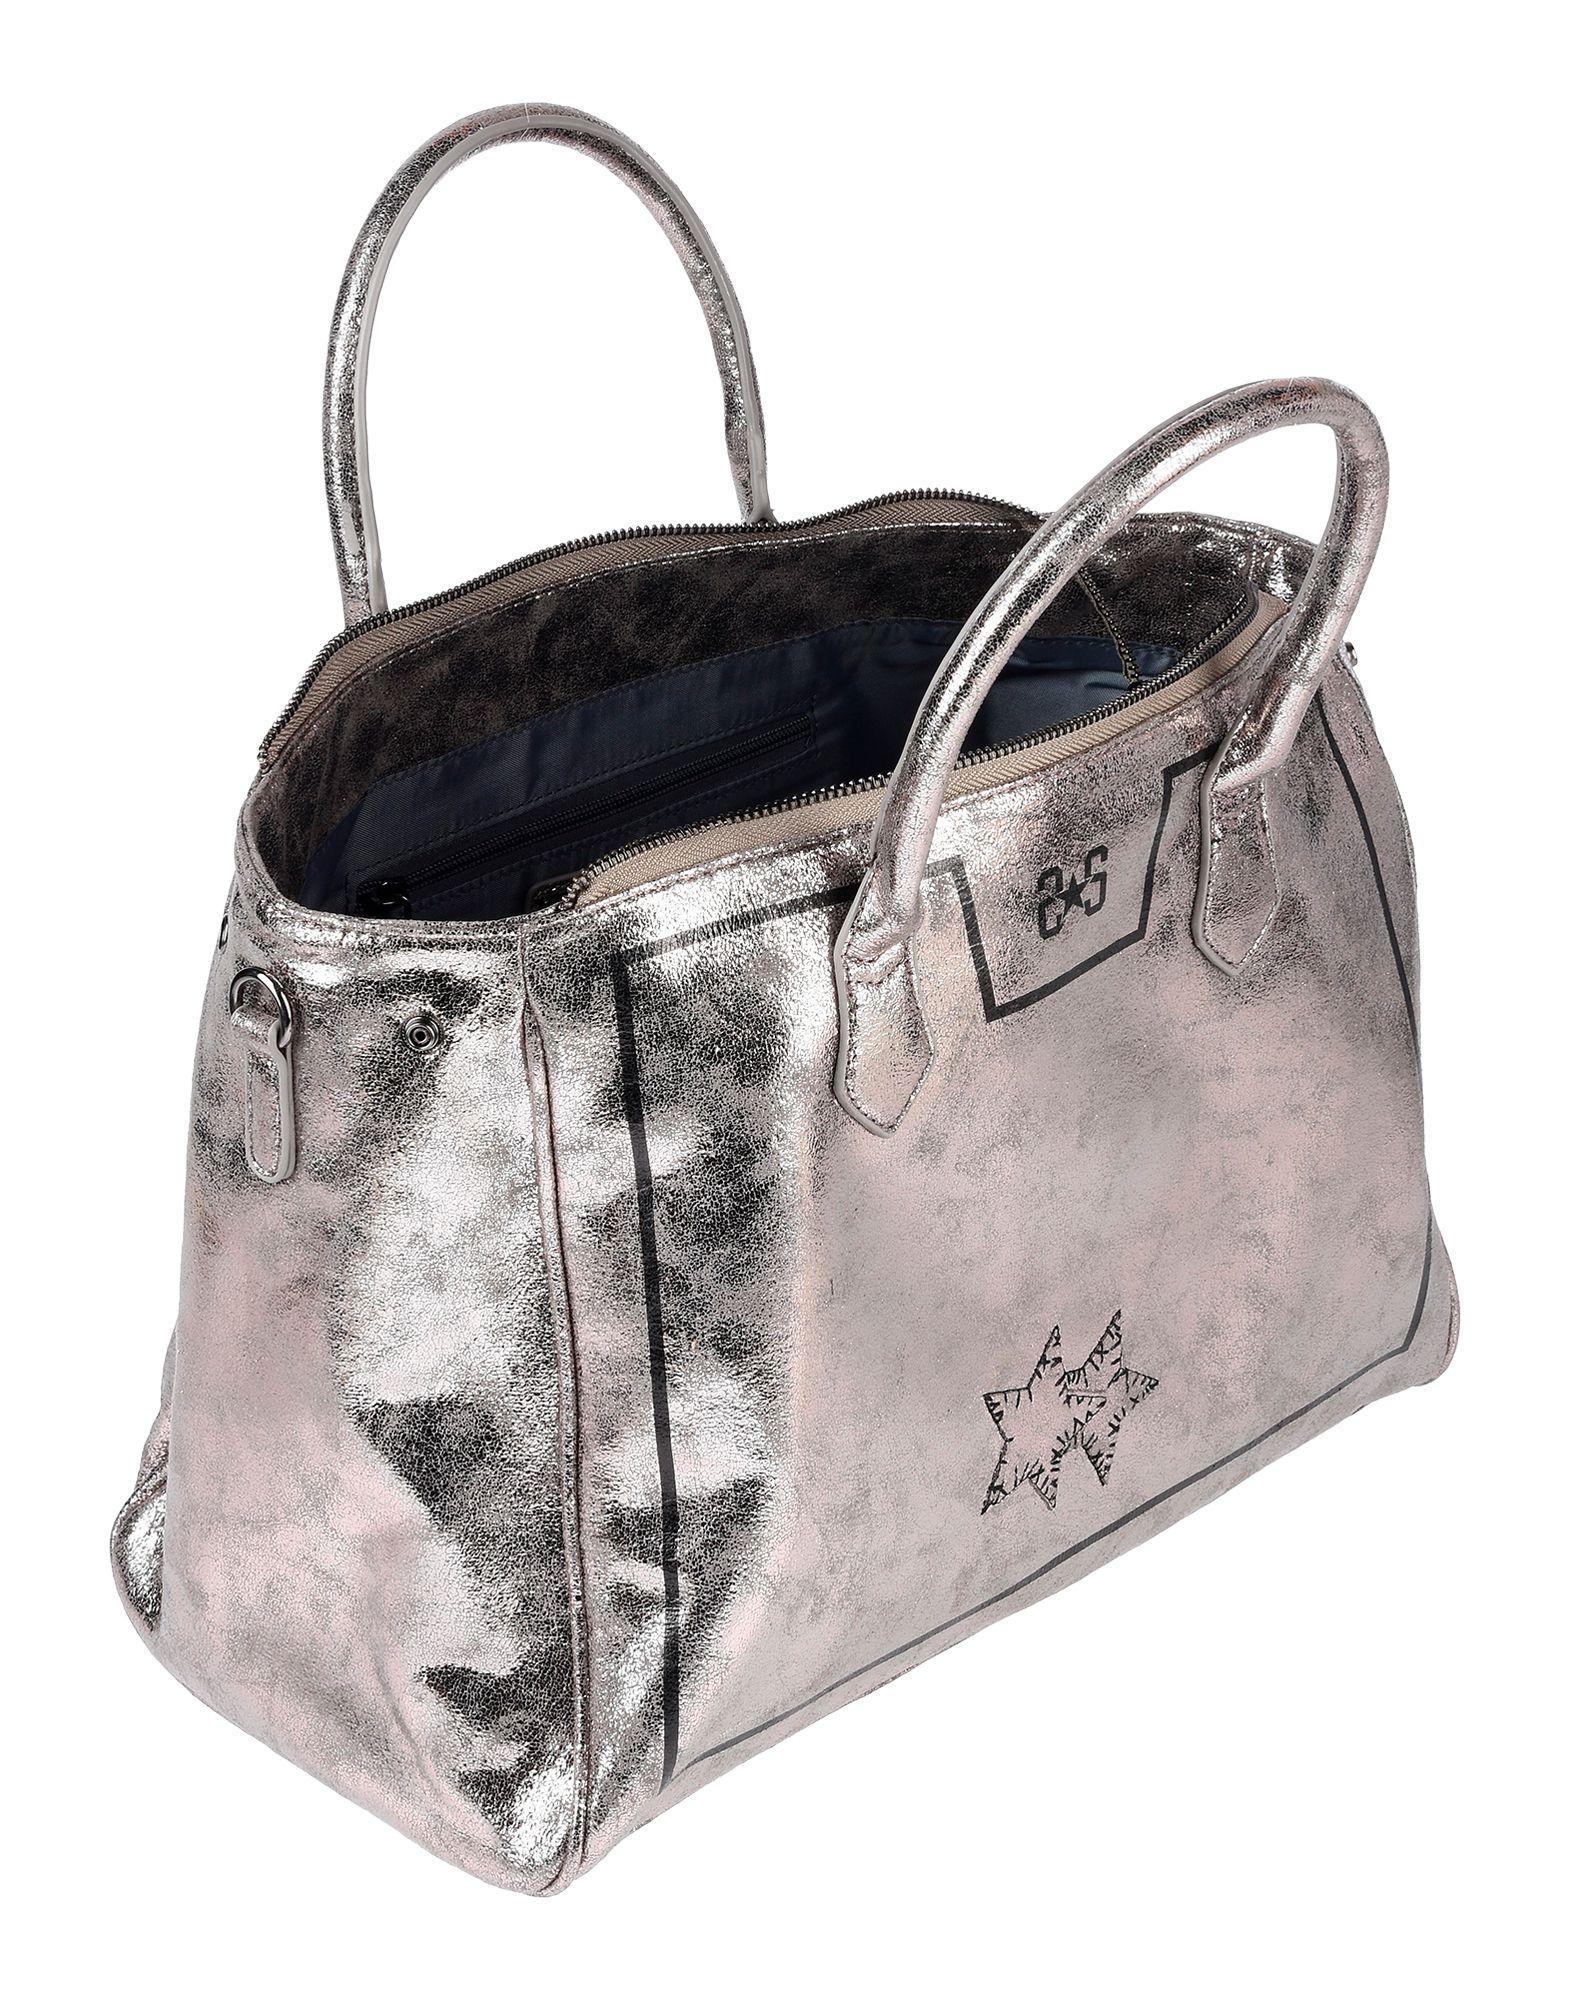 2Star Synthetik Handtaschen in Grau 8RTV7